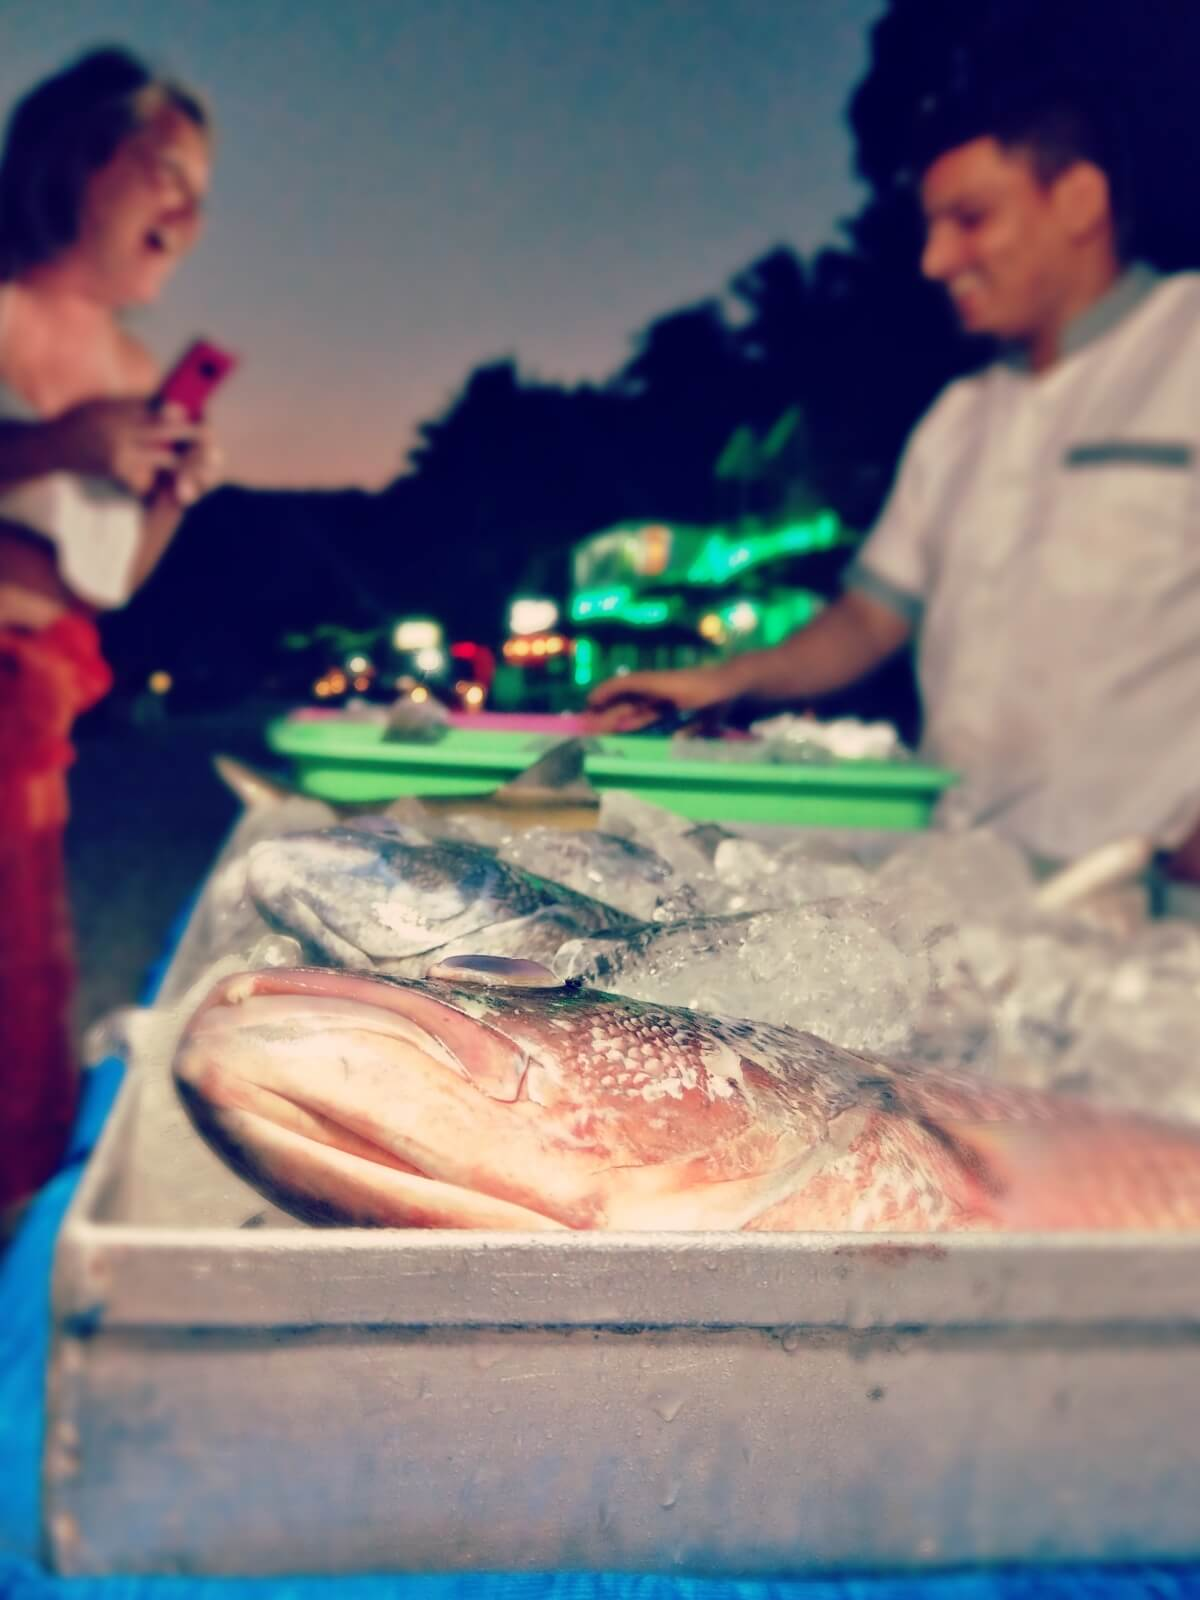 Na Goa serwuje się ryby upieczone w piecu tandoori.